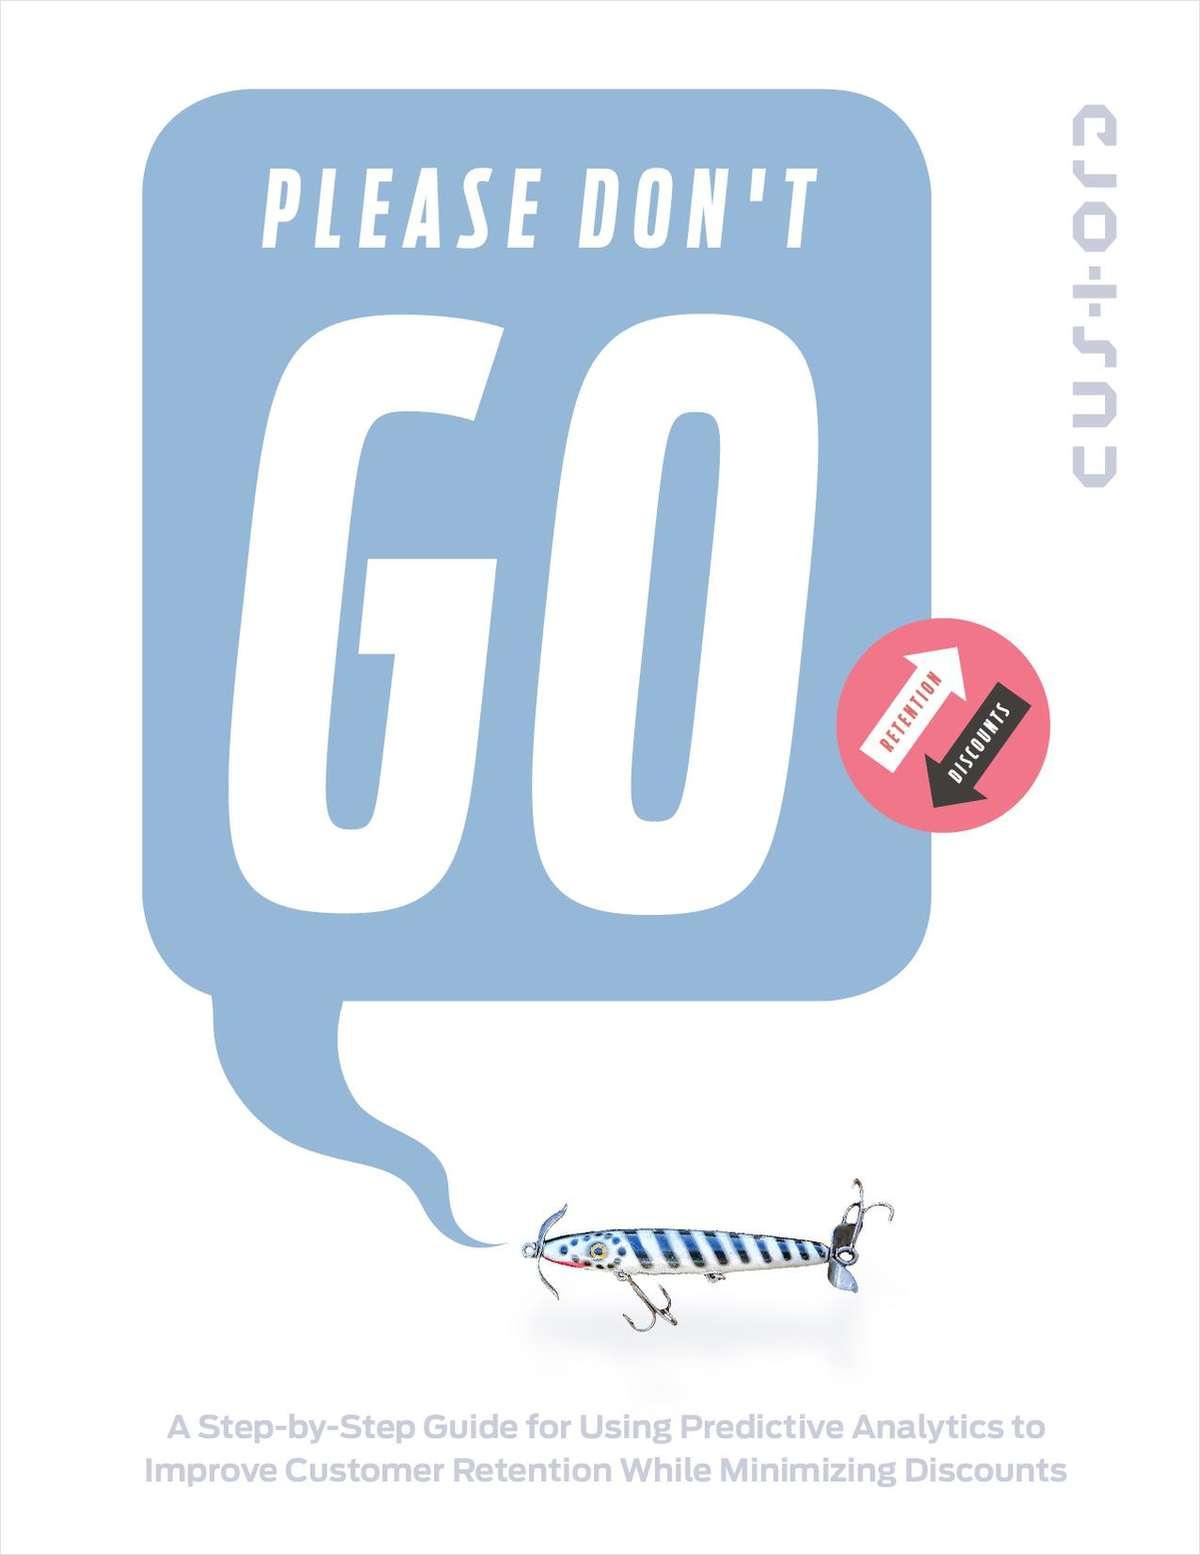 Please Don't Go - Tips for Improving Customer Retention